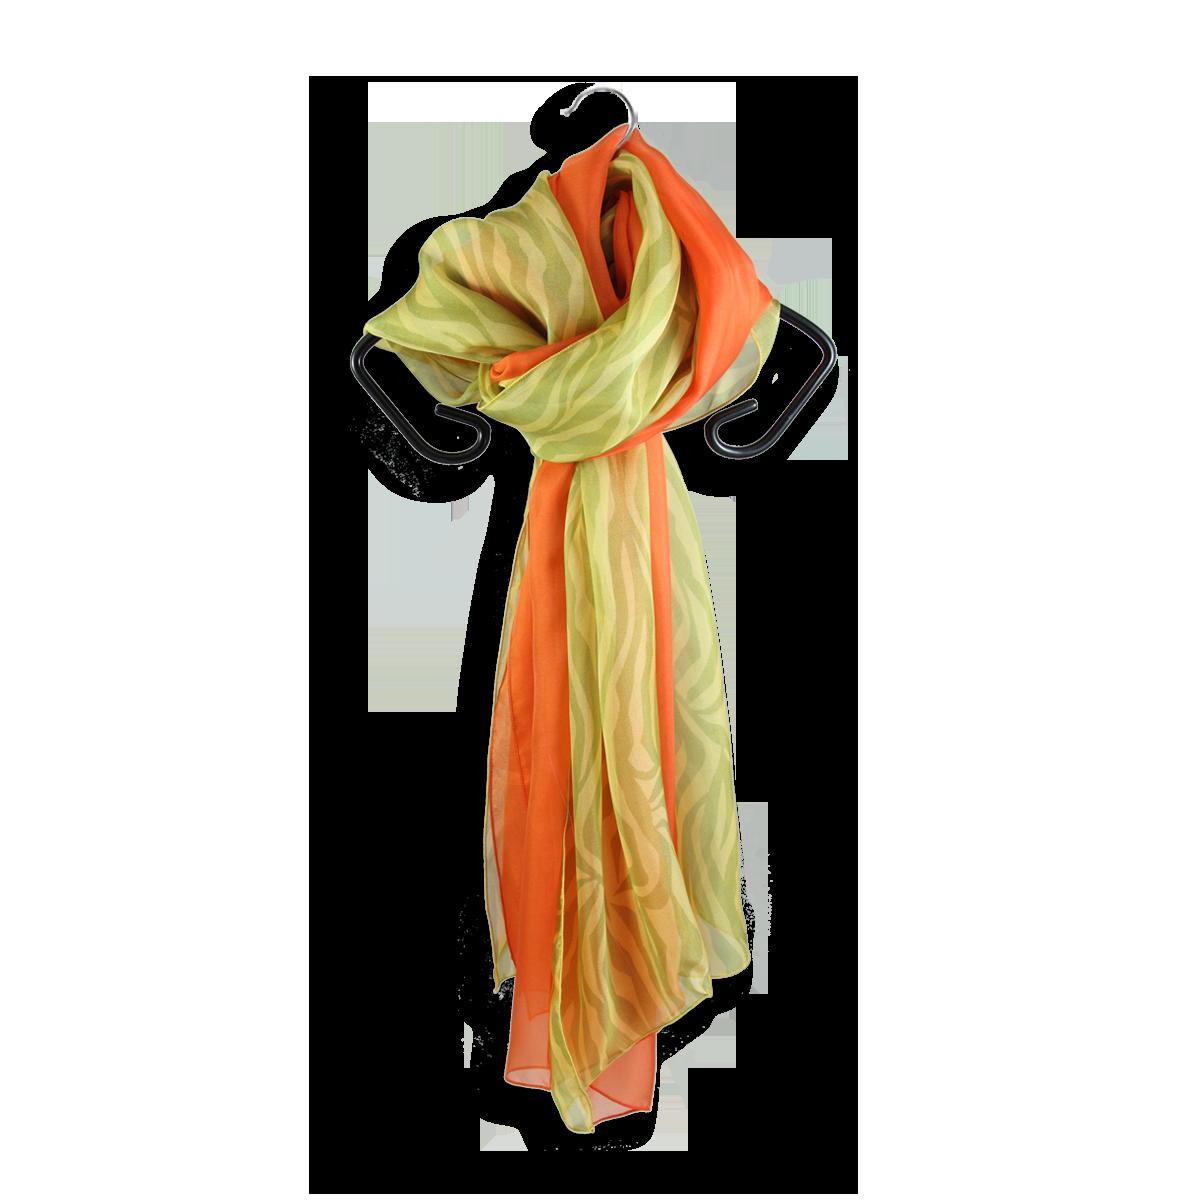 foulard soie imprime rayures jaune vert uni orange fabrique en france ... 1a80b63fe369